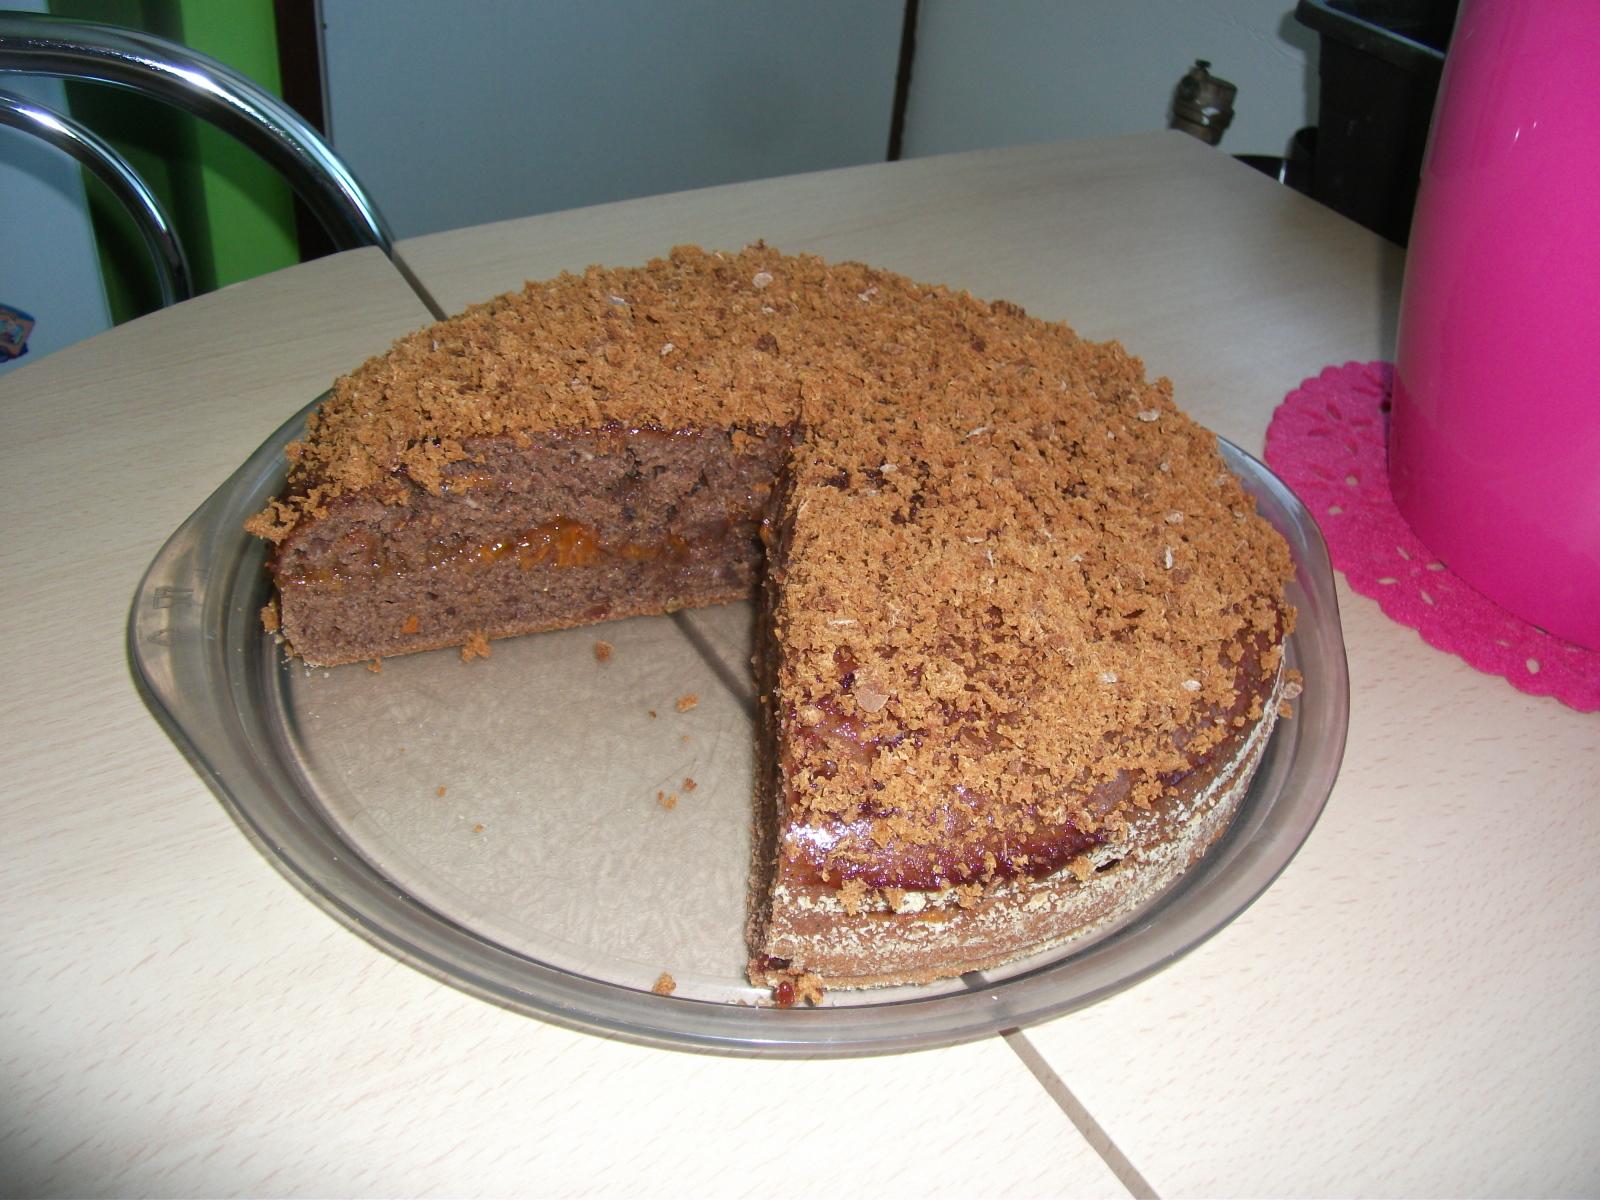 Recept Hrníčková perníková bábovka - Promazala jsem to meruňkovou marmeládou, trochu potřela i vršek a posypala strouhaným perníkem, vynikající :-)